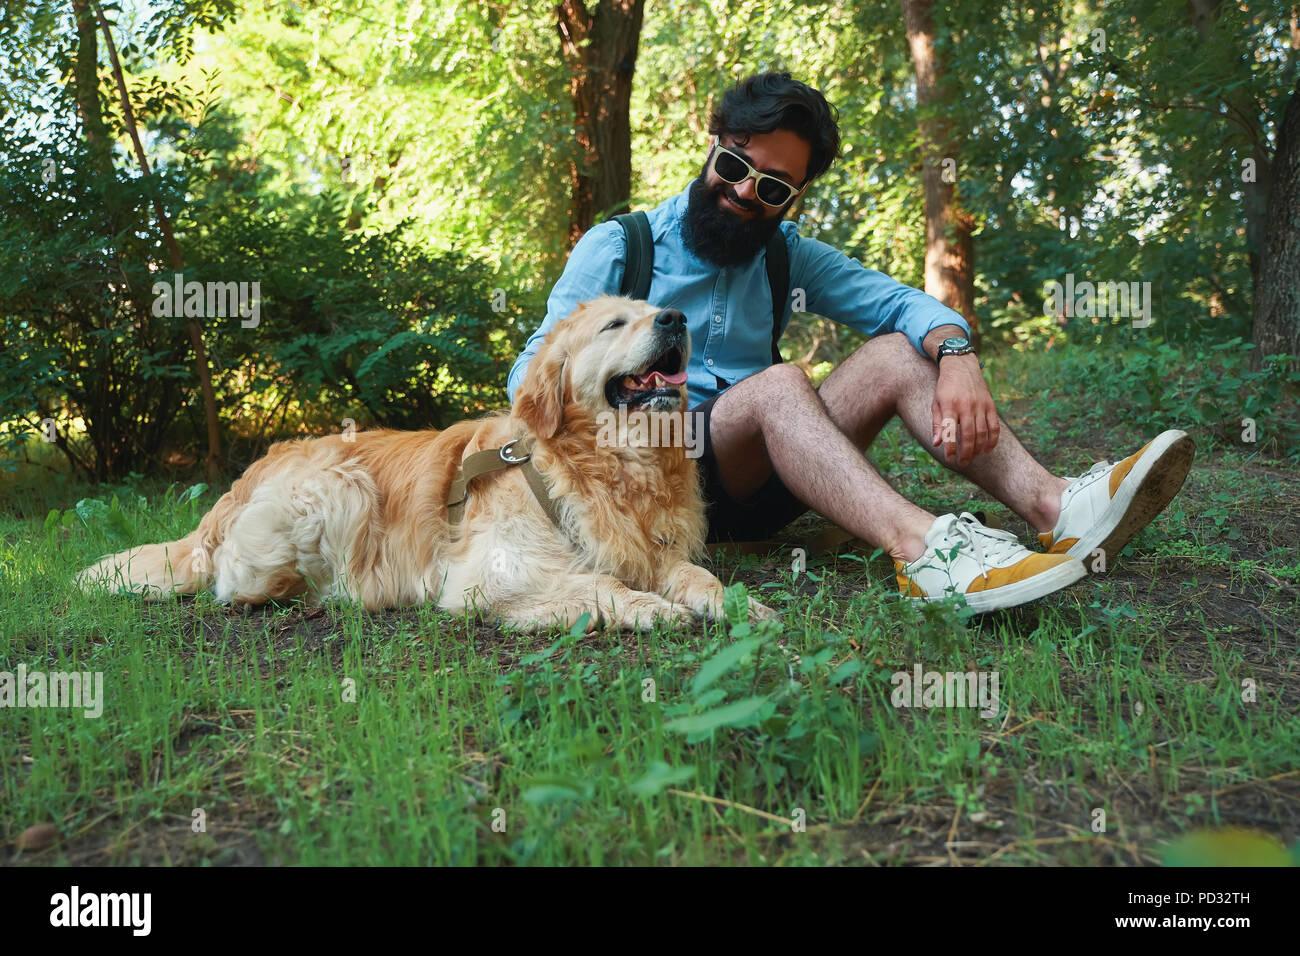 El hombre con la barba y su pequeño perro amarillo sol jugando y disfrutando Imagen De Stock